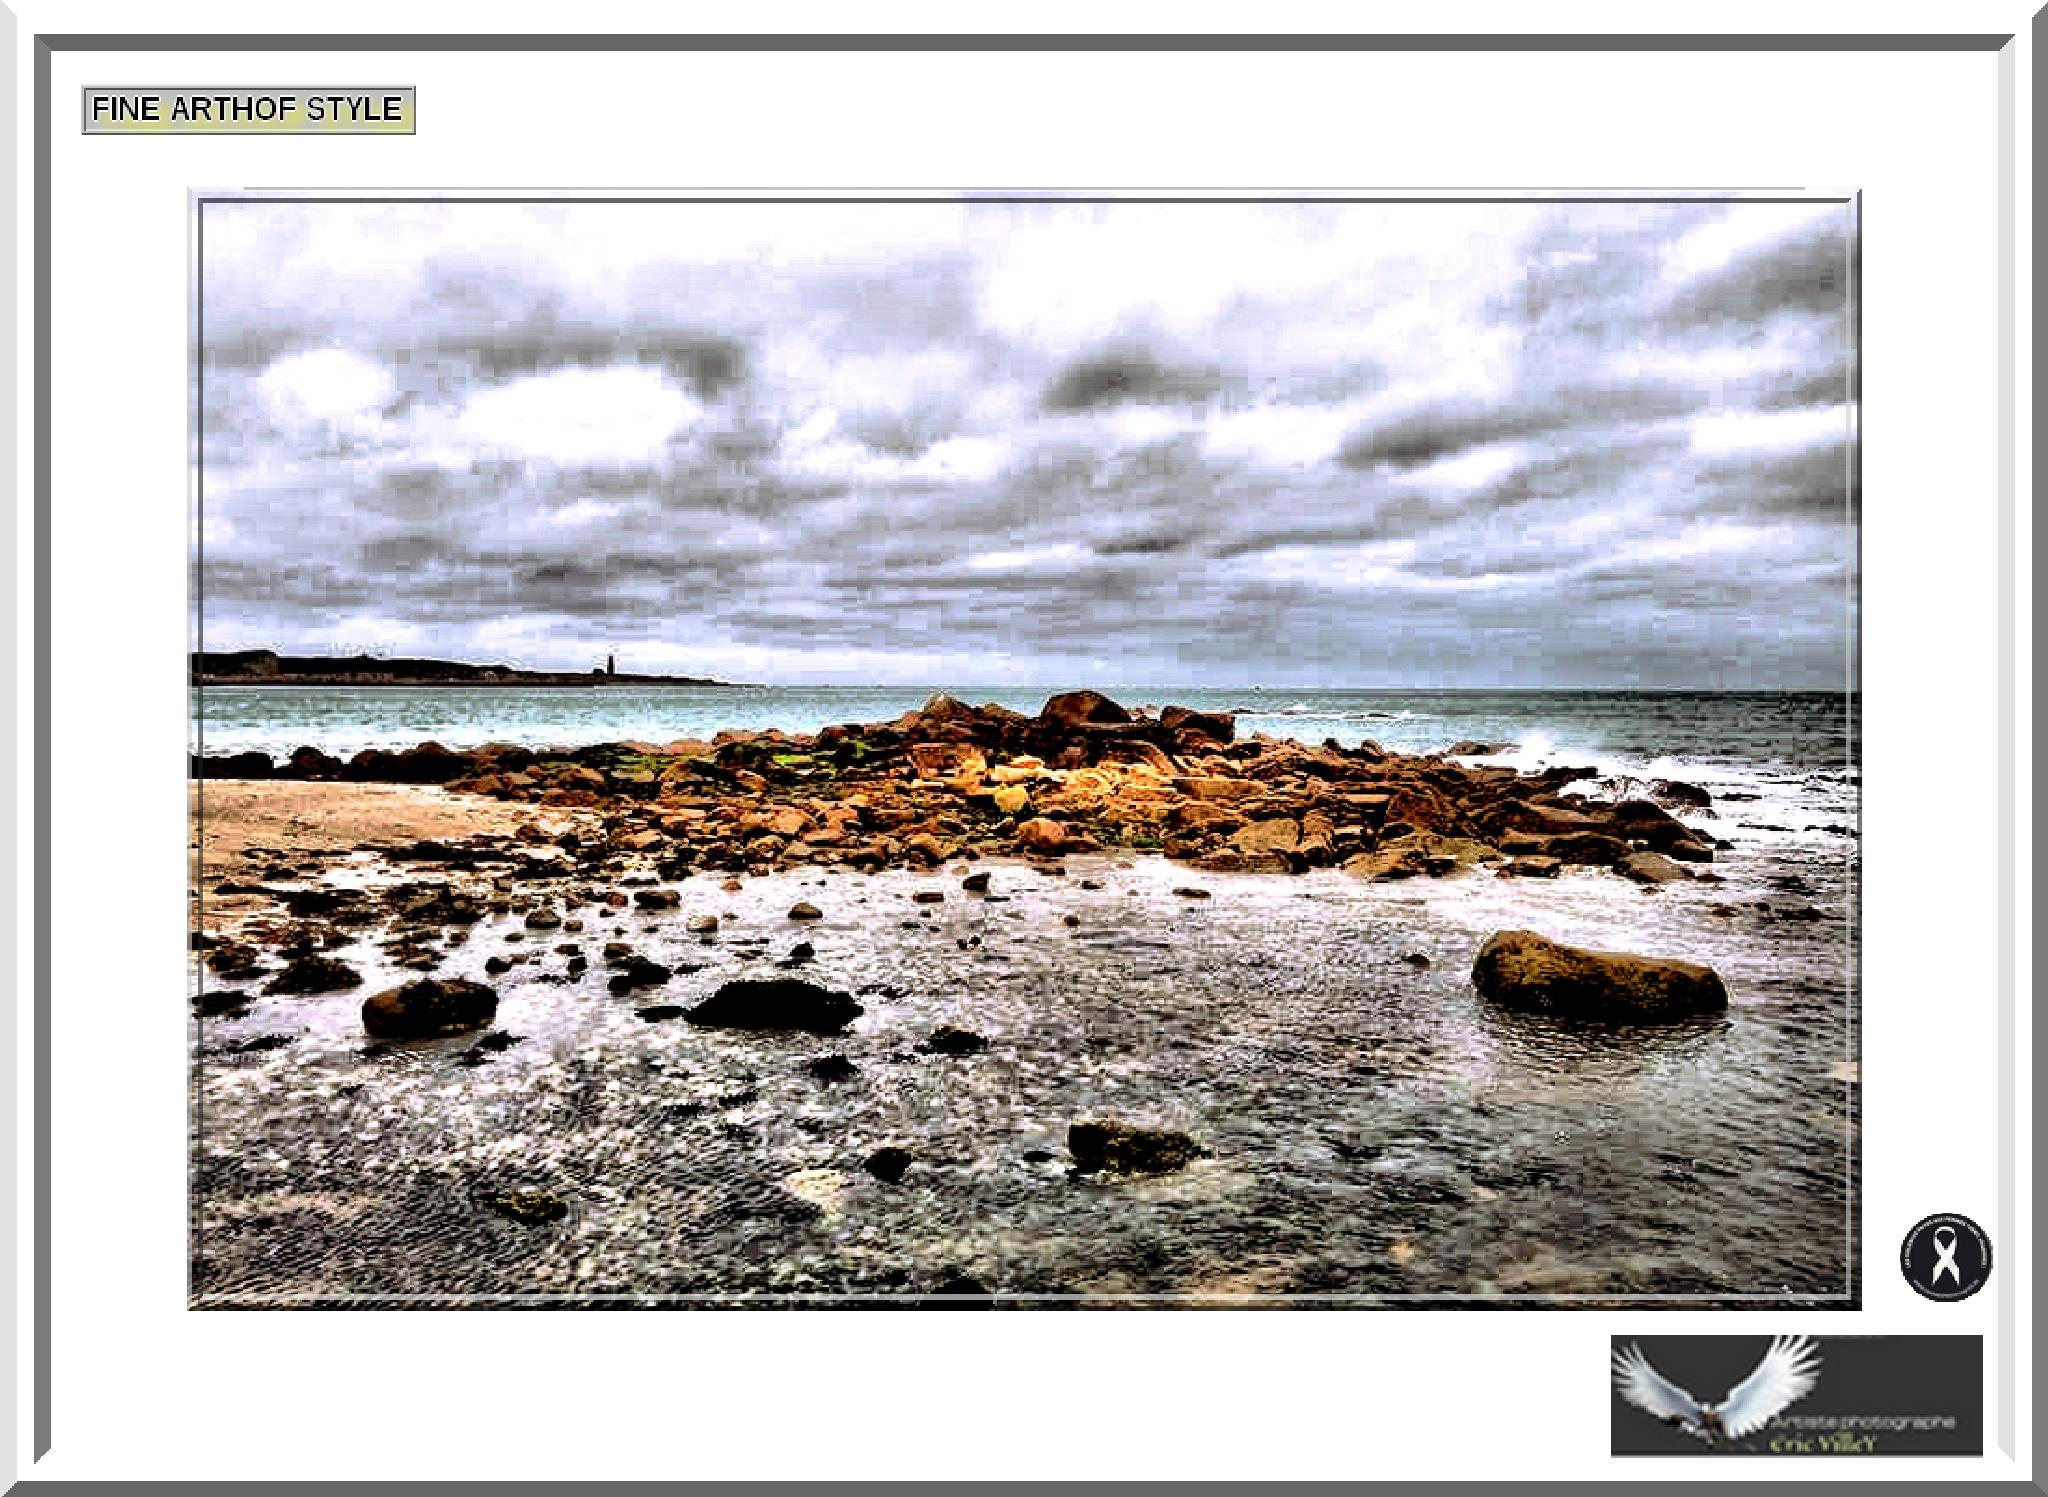 une mer de granit...Fermanville...fine arthof style by ςɑʀɨиє єт єʀɨς ɑʀтɨsтєs ρɦღтღɢʀɑρɦєs